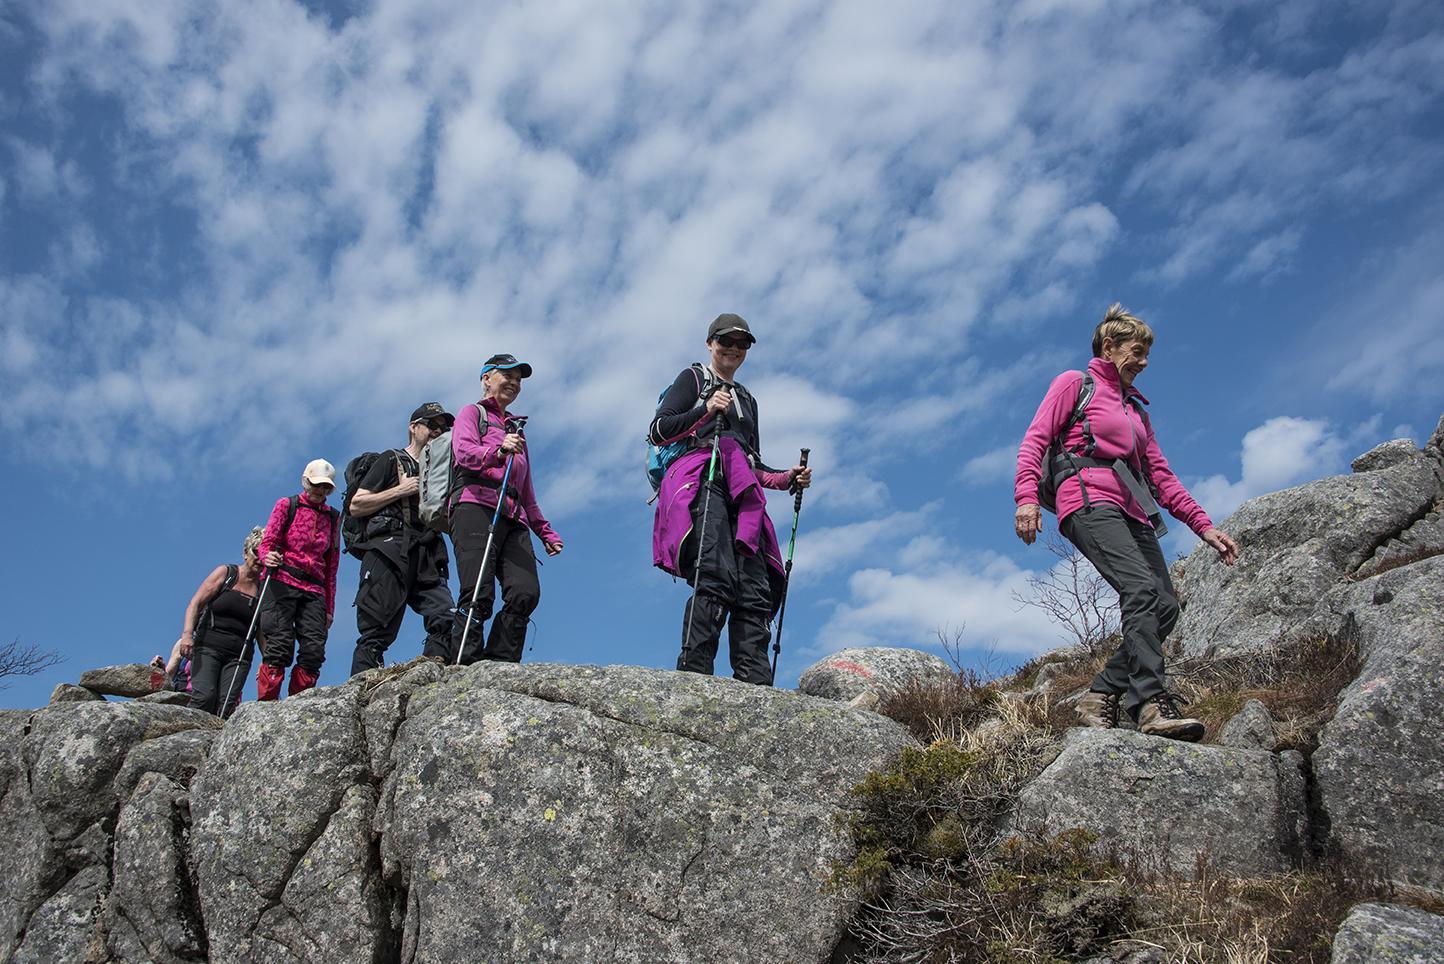 massasje østfold bergen norway escorts